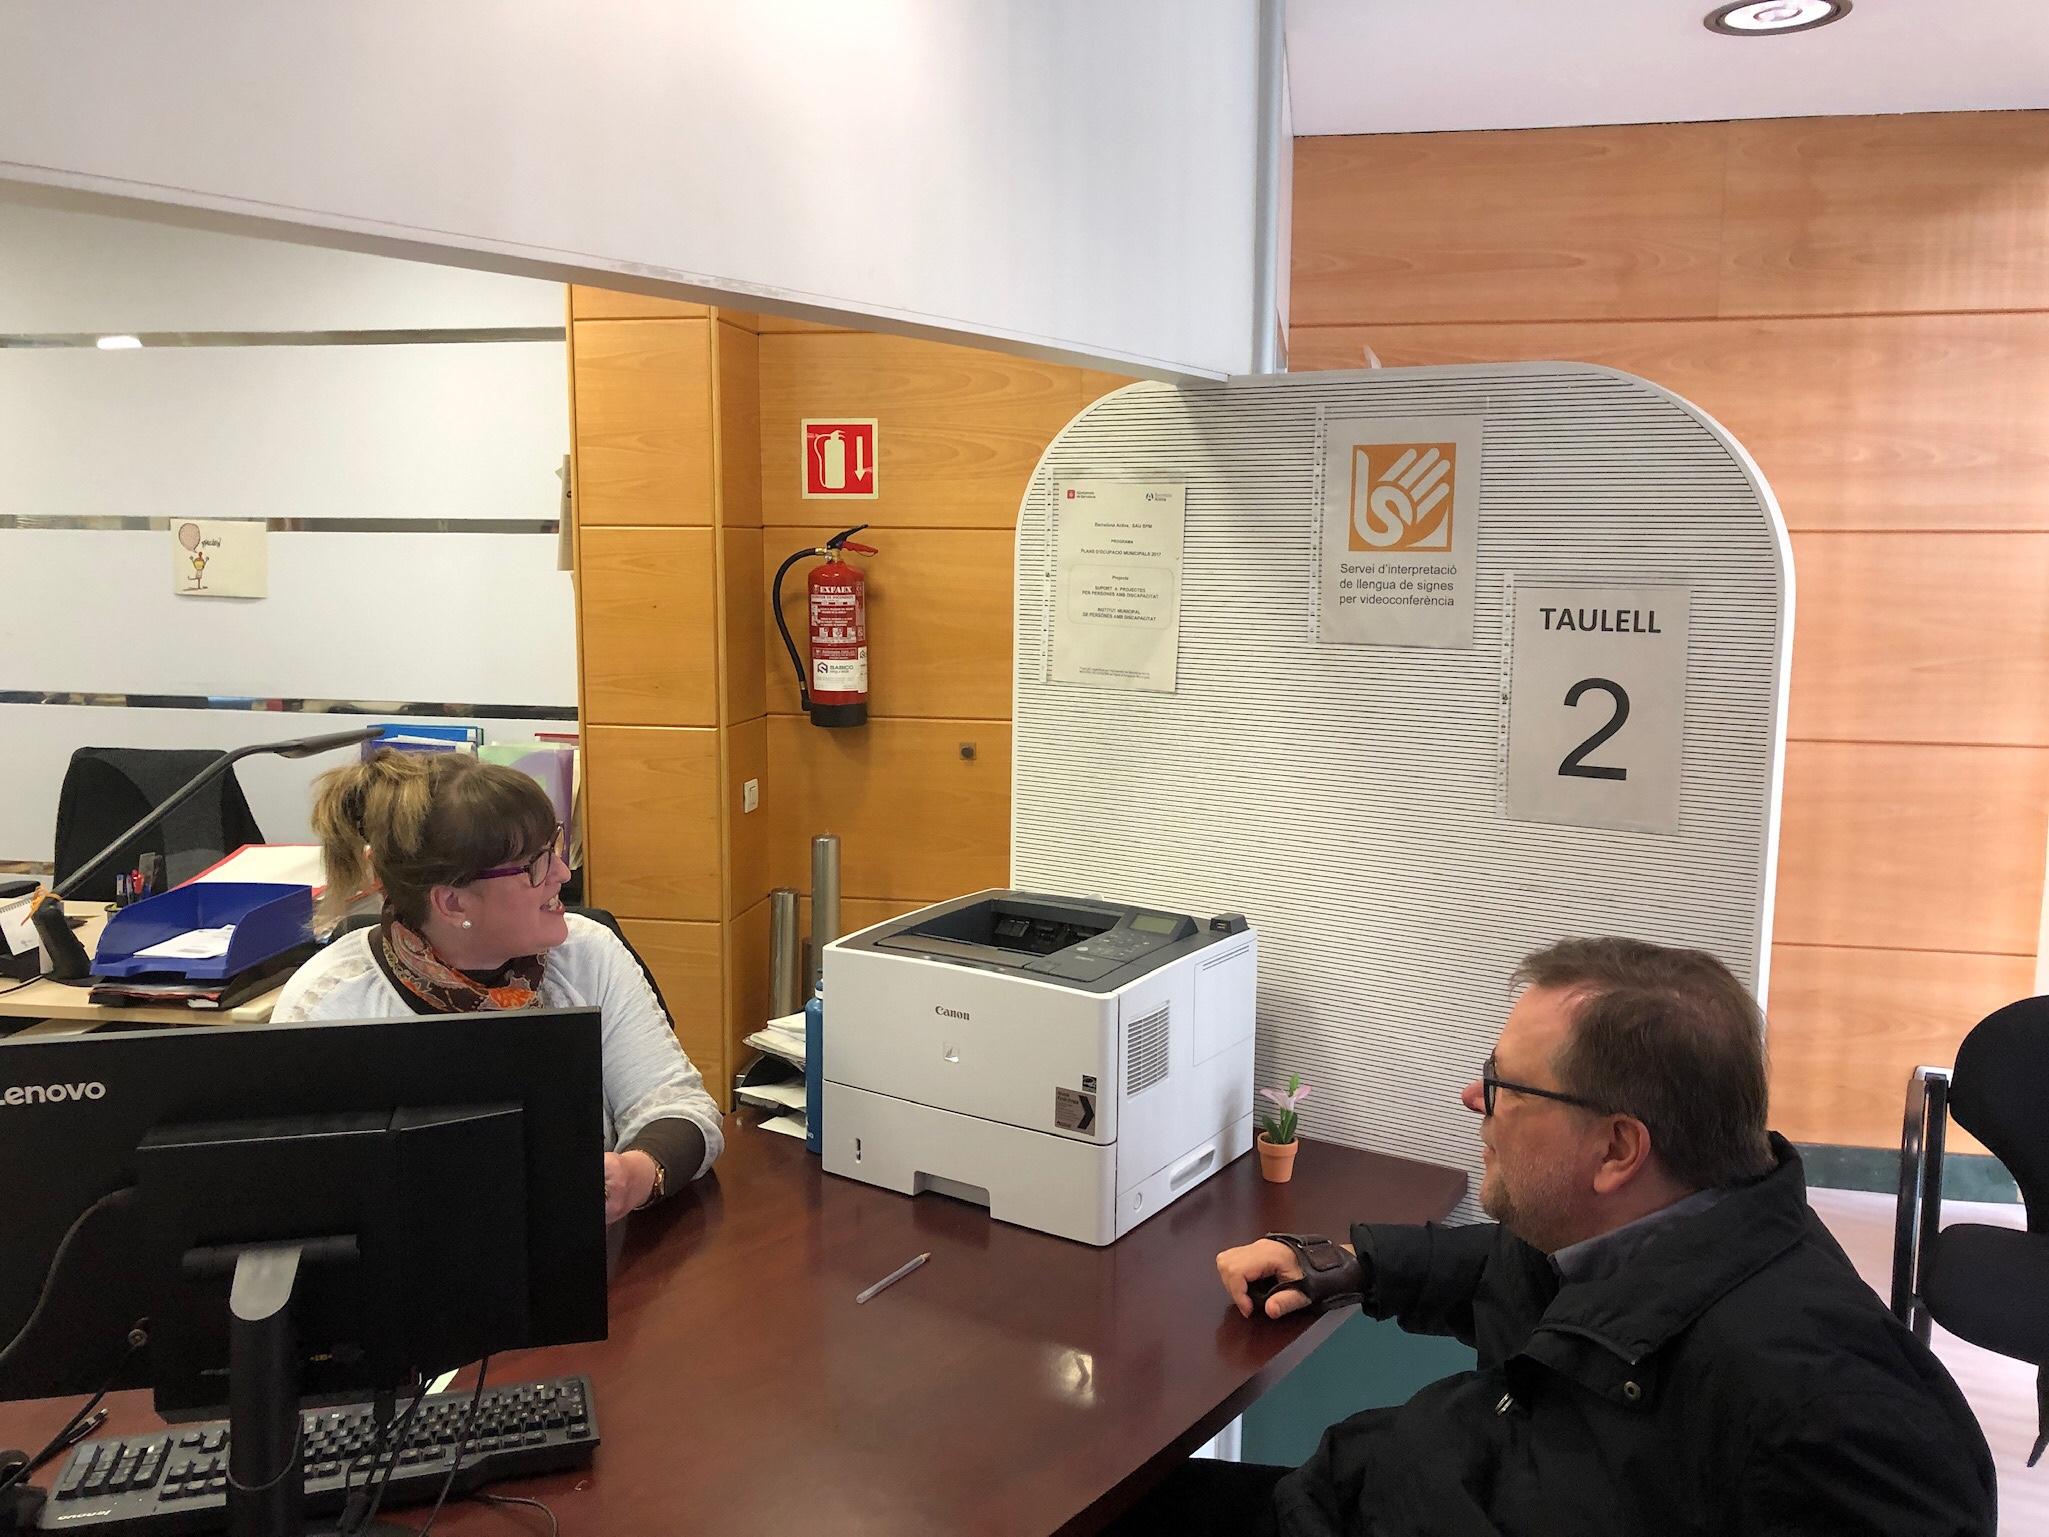 Mitarbeiterin des Bürgerbüros am Schreibtisch erklärt den Service